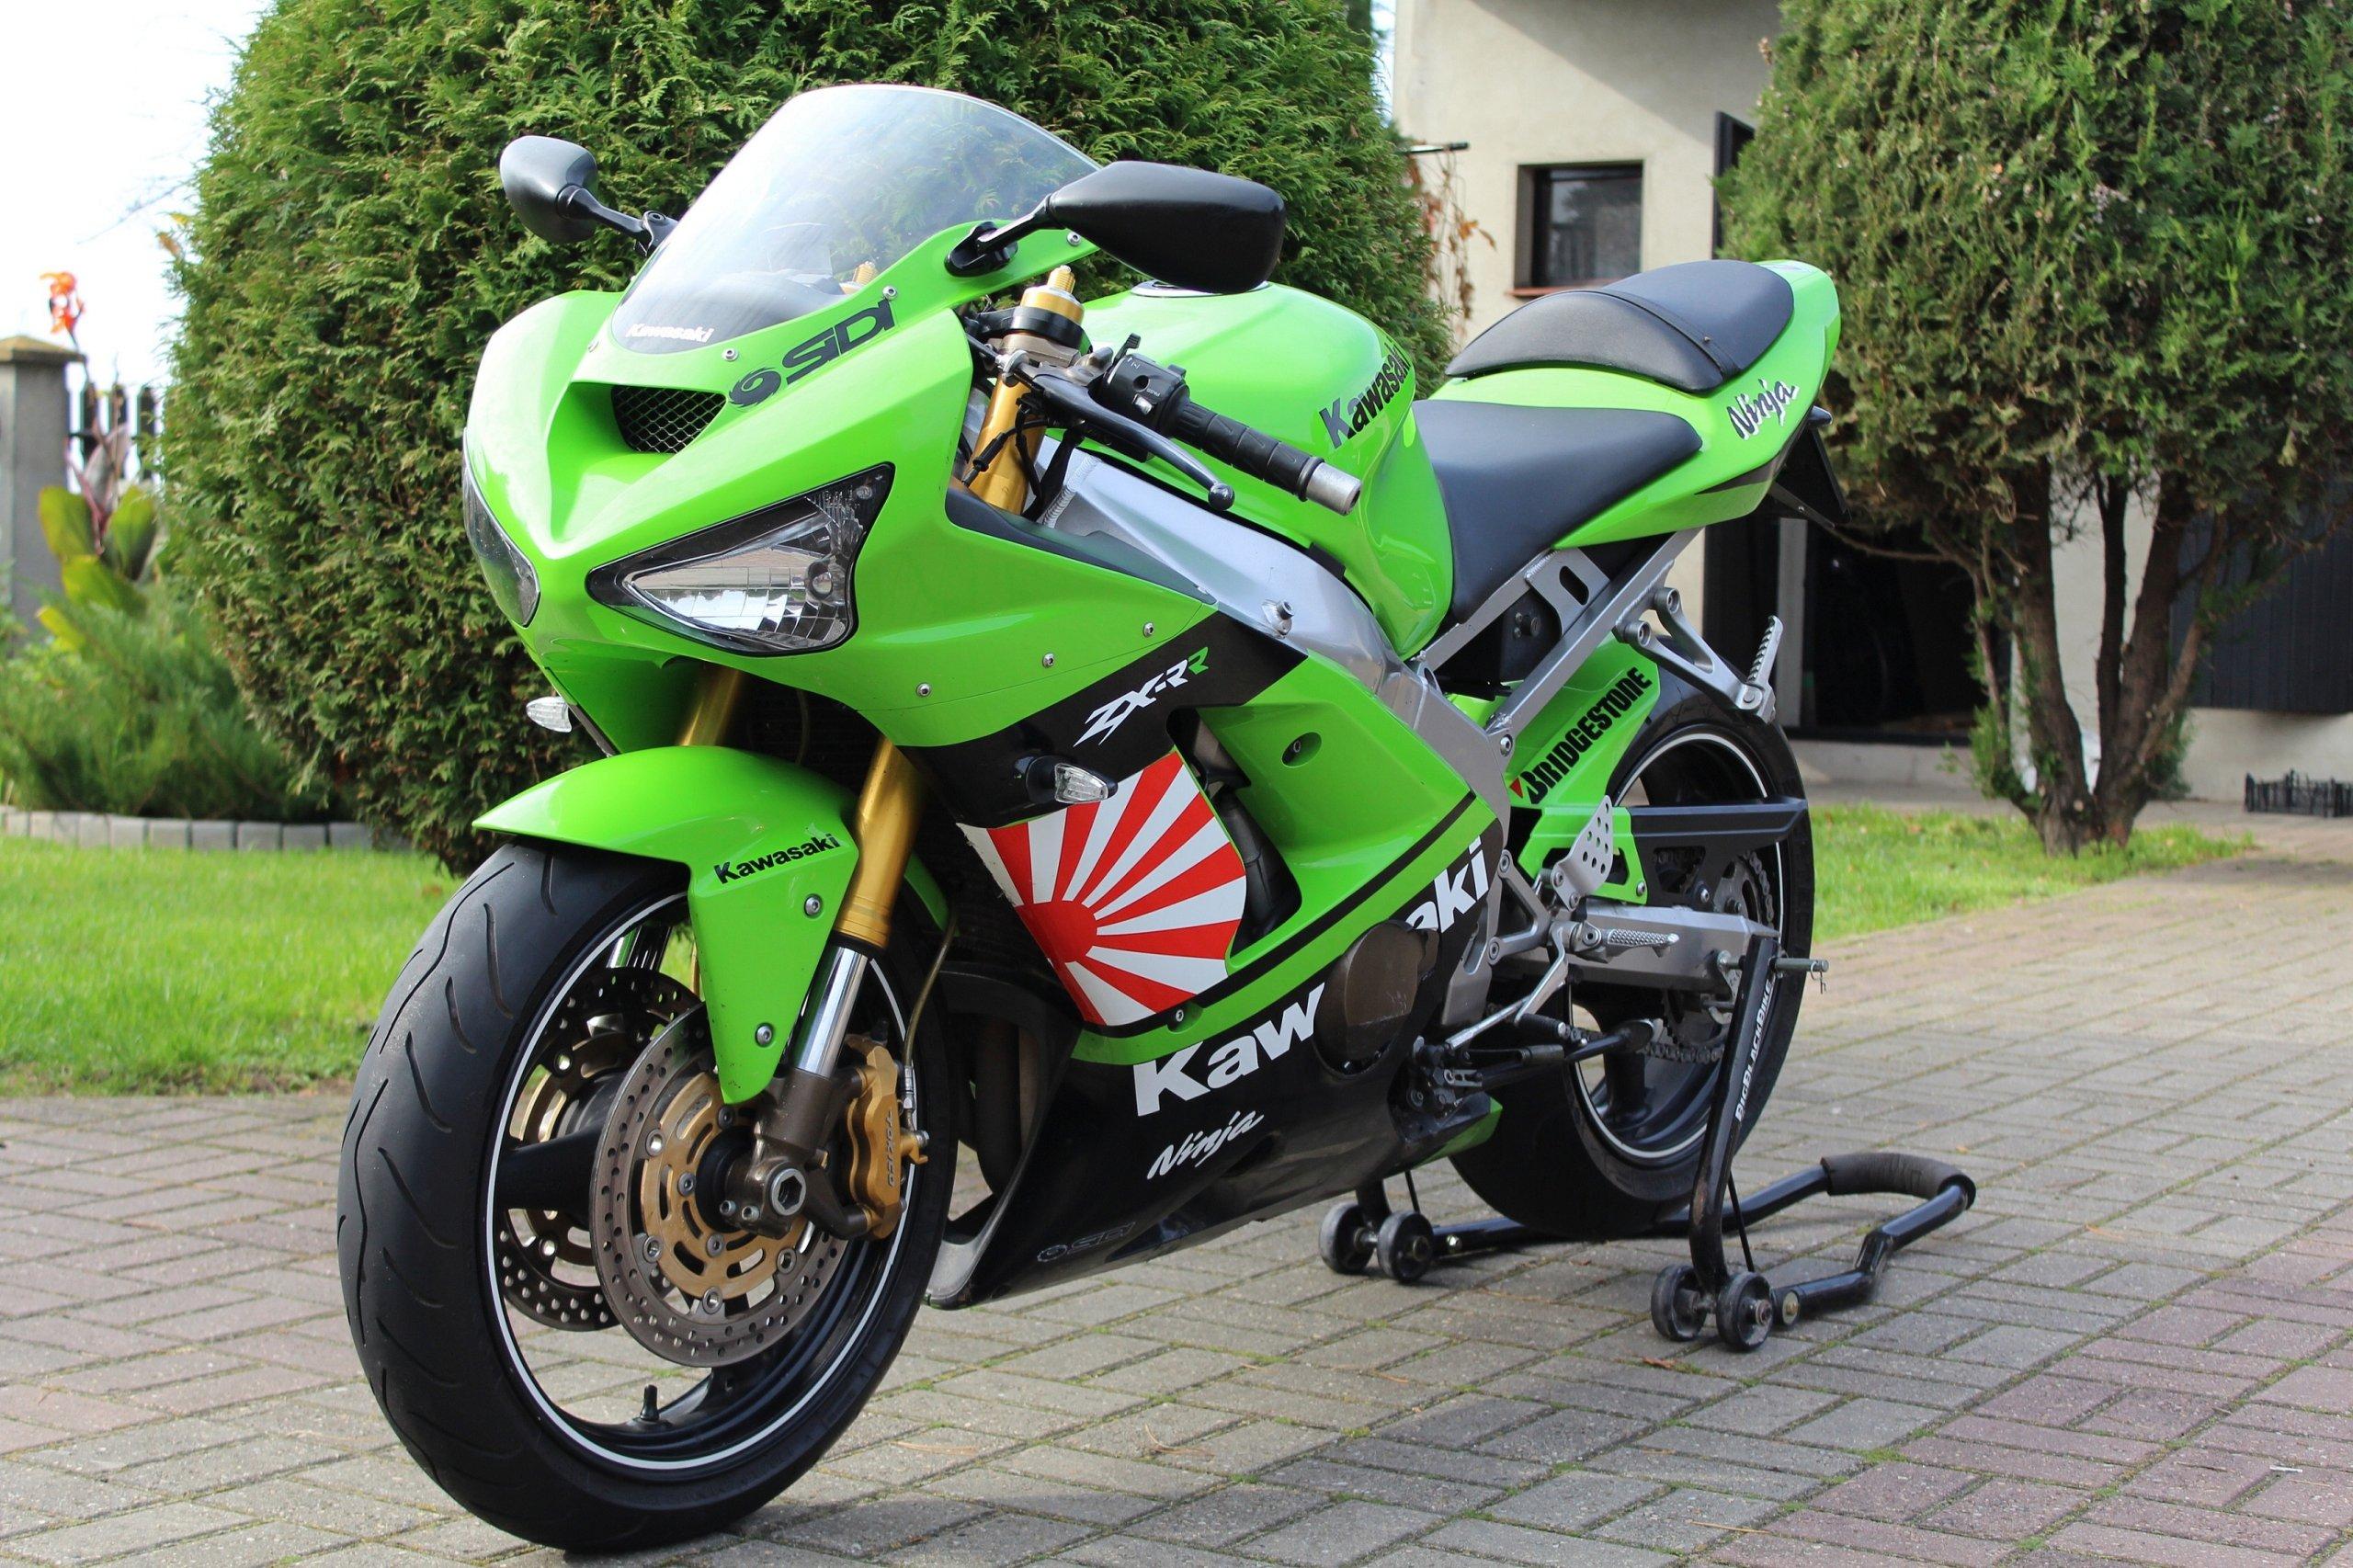 Kawasaki Ninja ZX-6R (636)